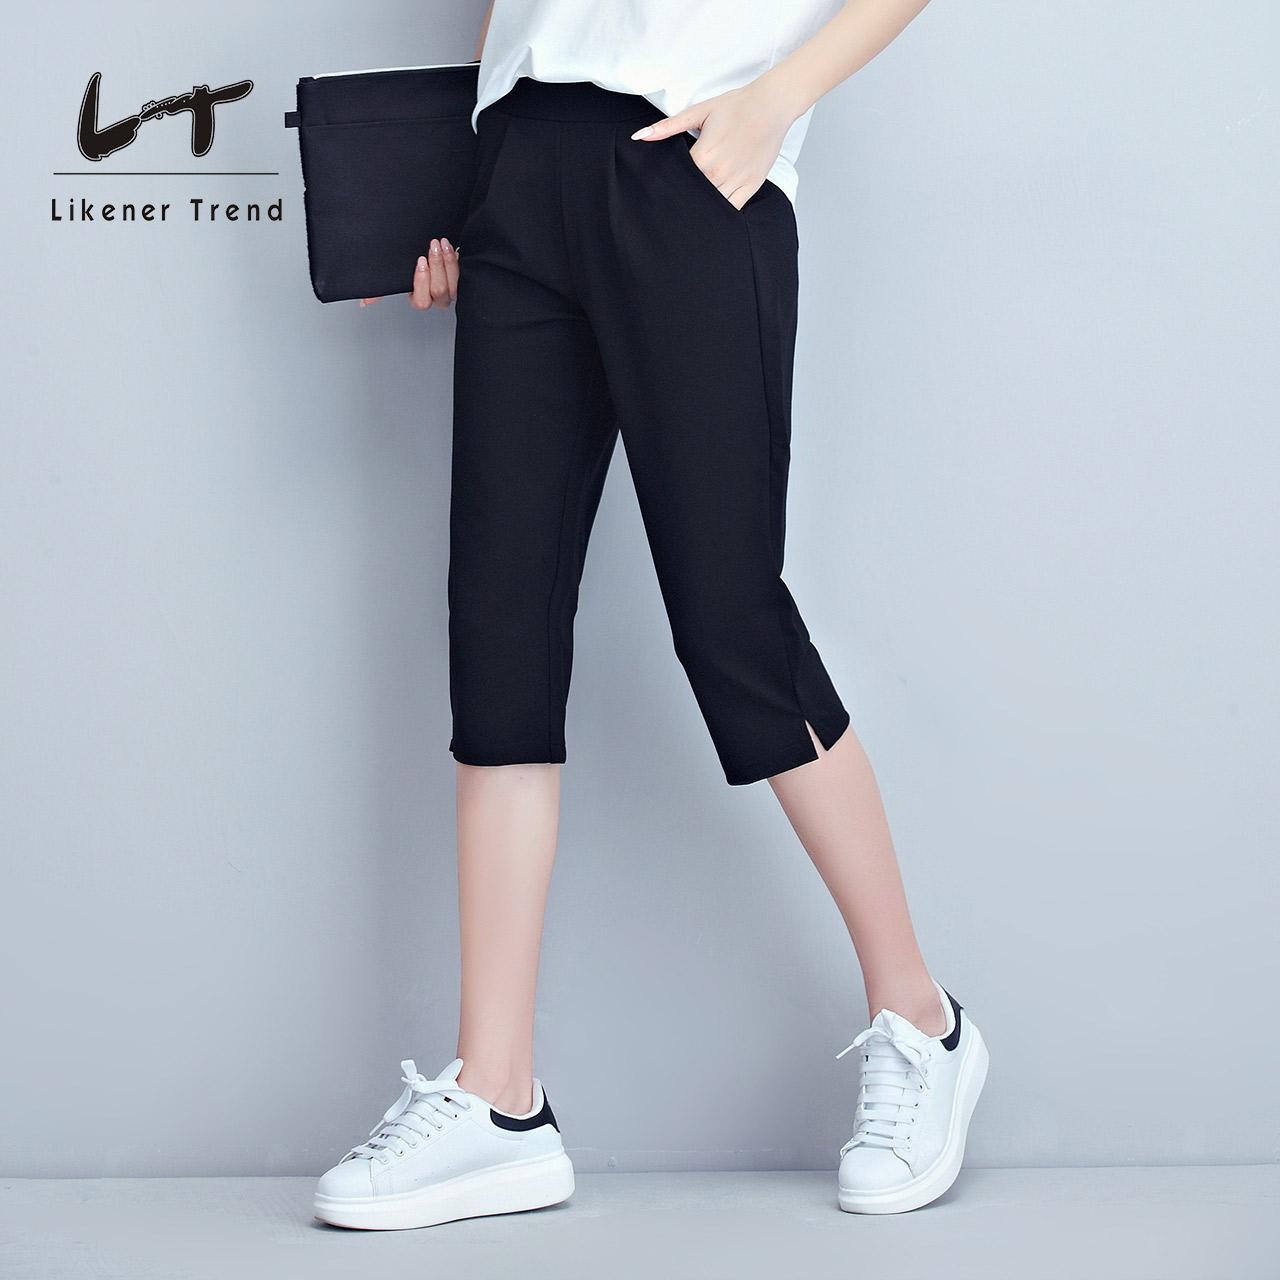 LT大码黑色运动七分裤女夏季薄款修身显瘦五分裤宽松中裤胖mm休闲